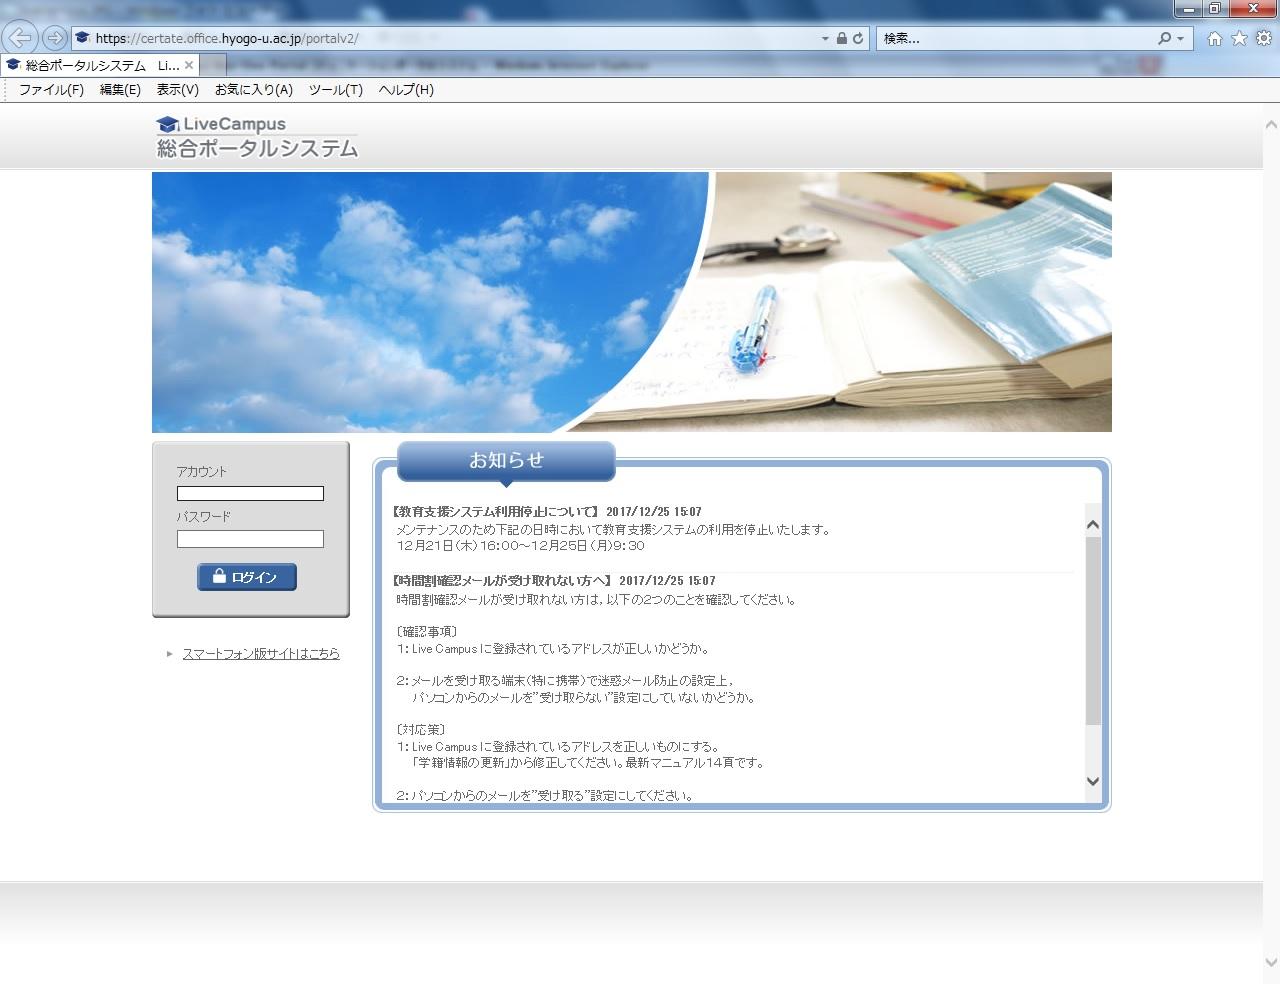 サイト 大学 在 ポータル 大阪 学生 国際